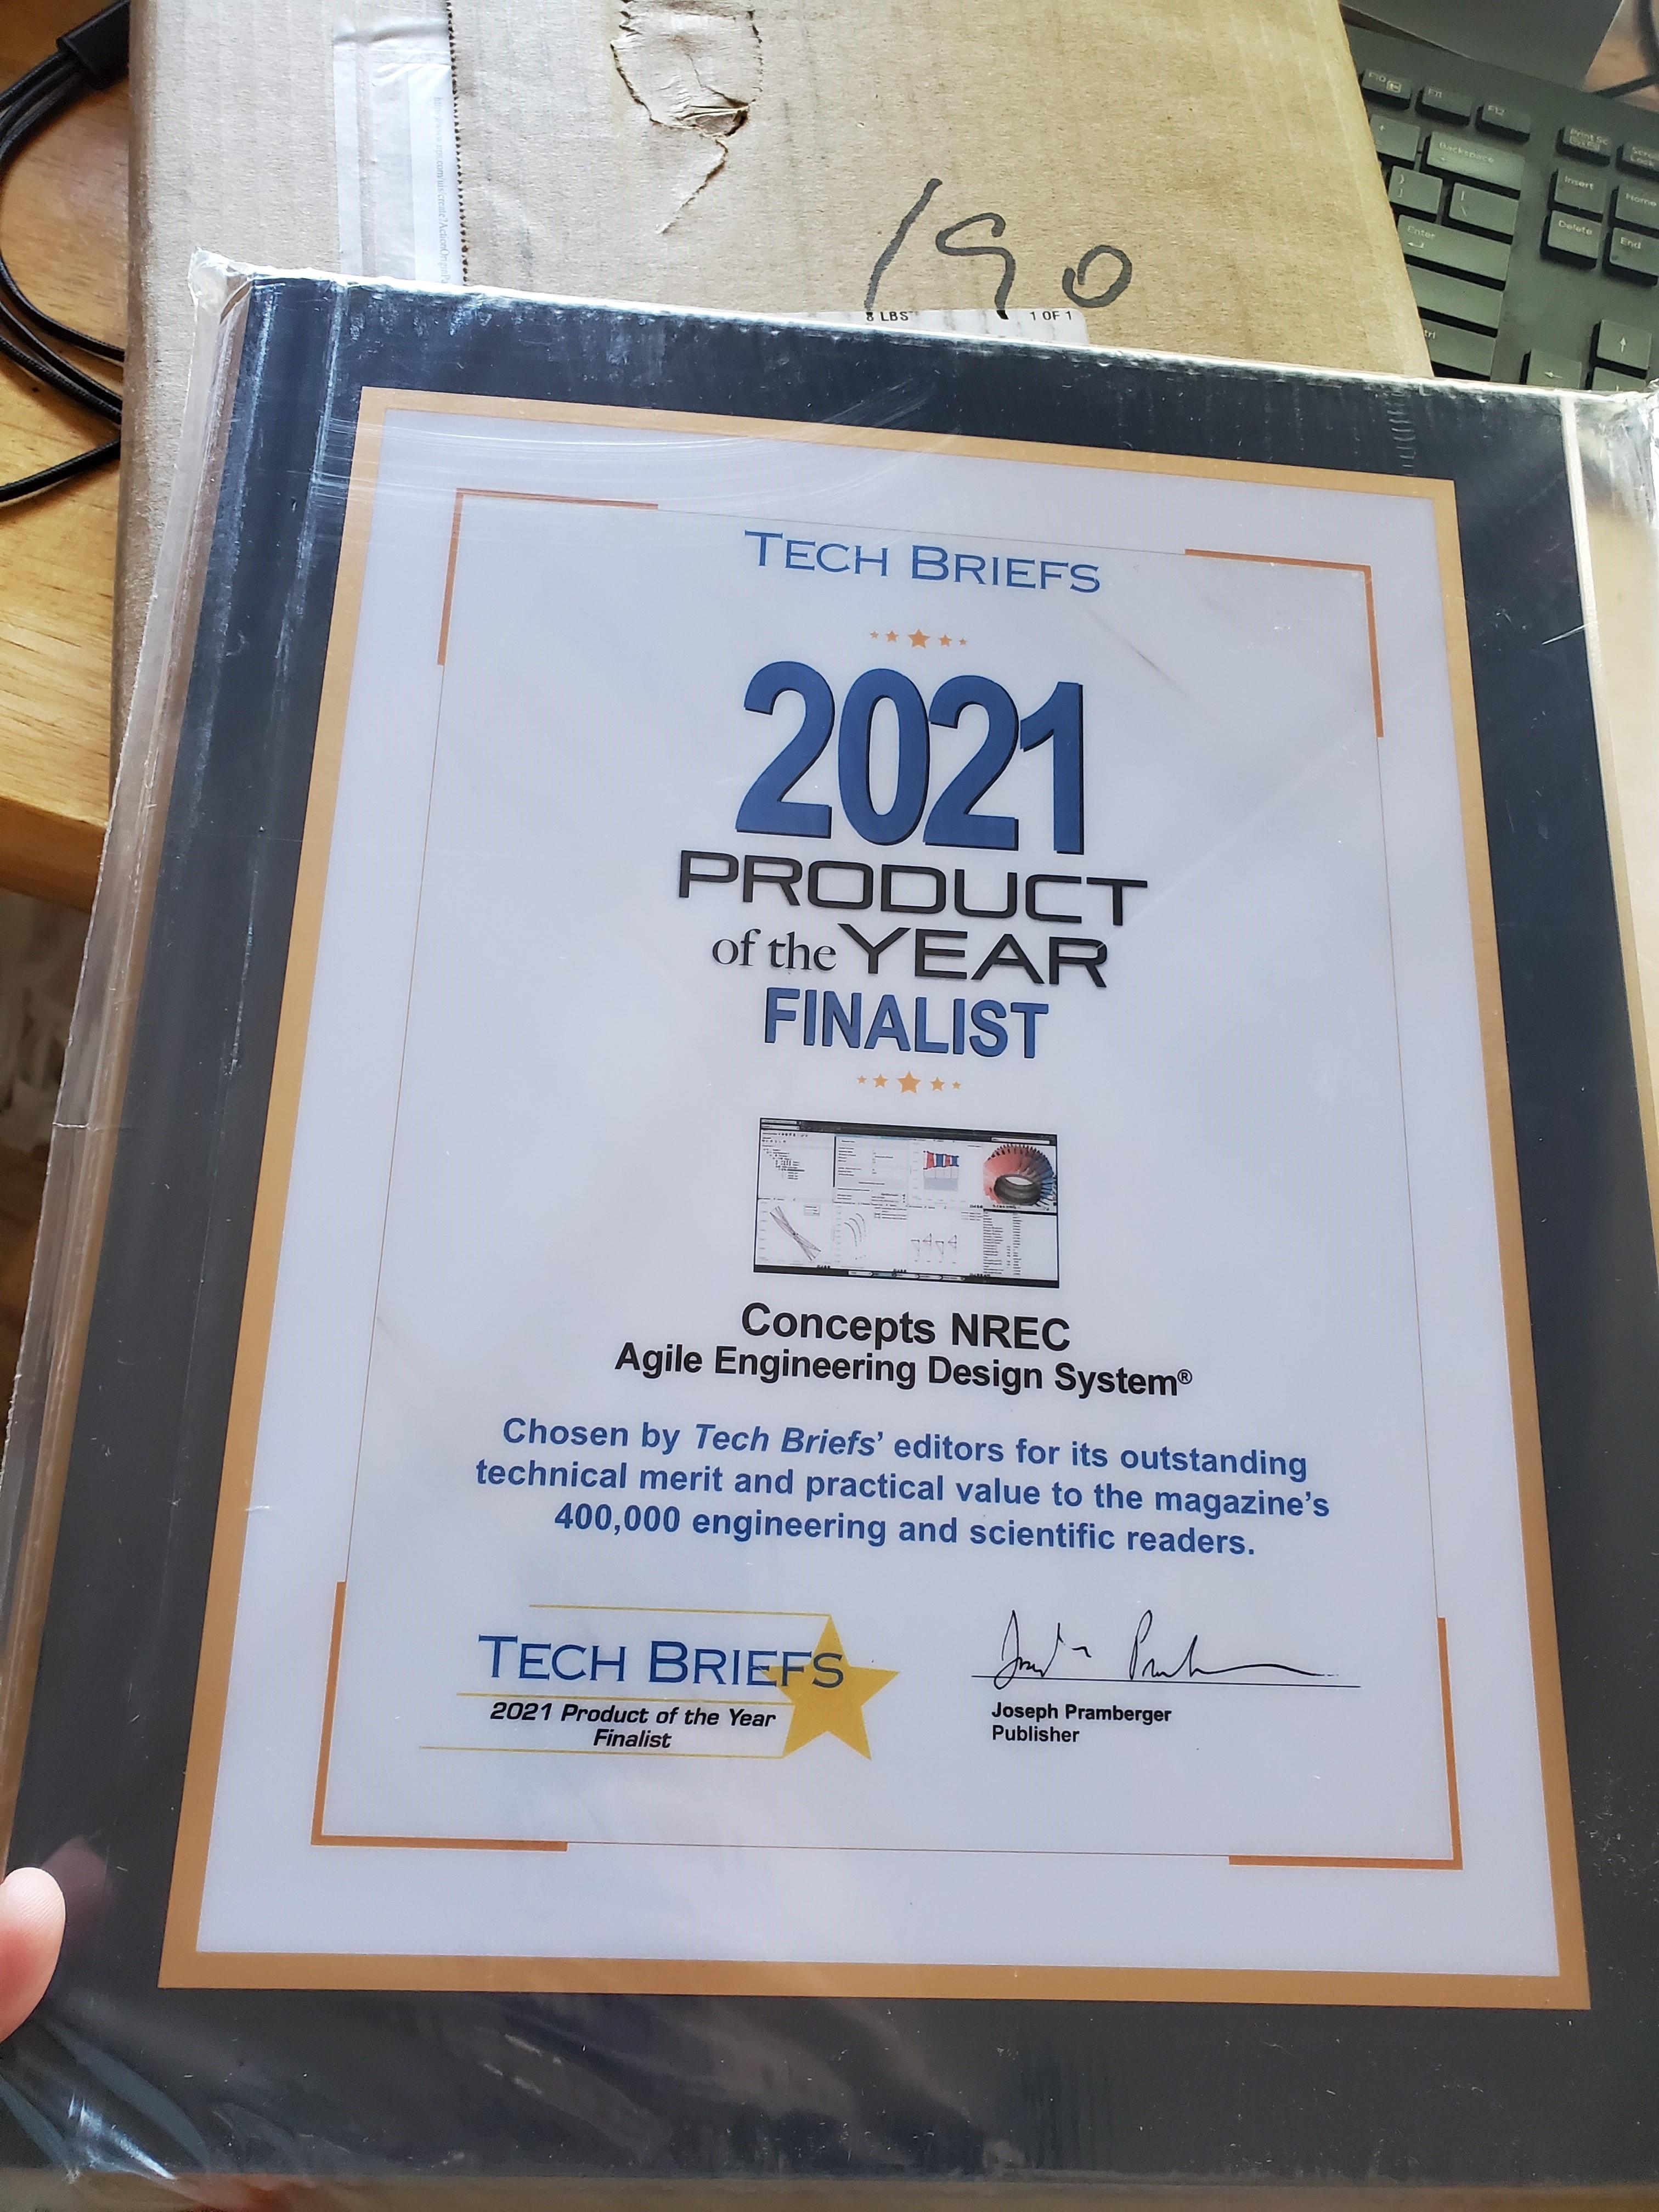 TechBriefsplaque2021